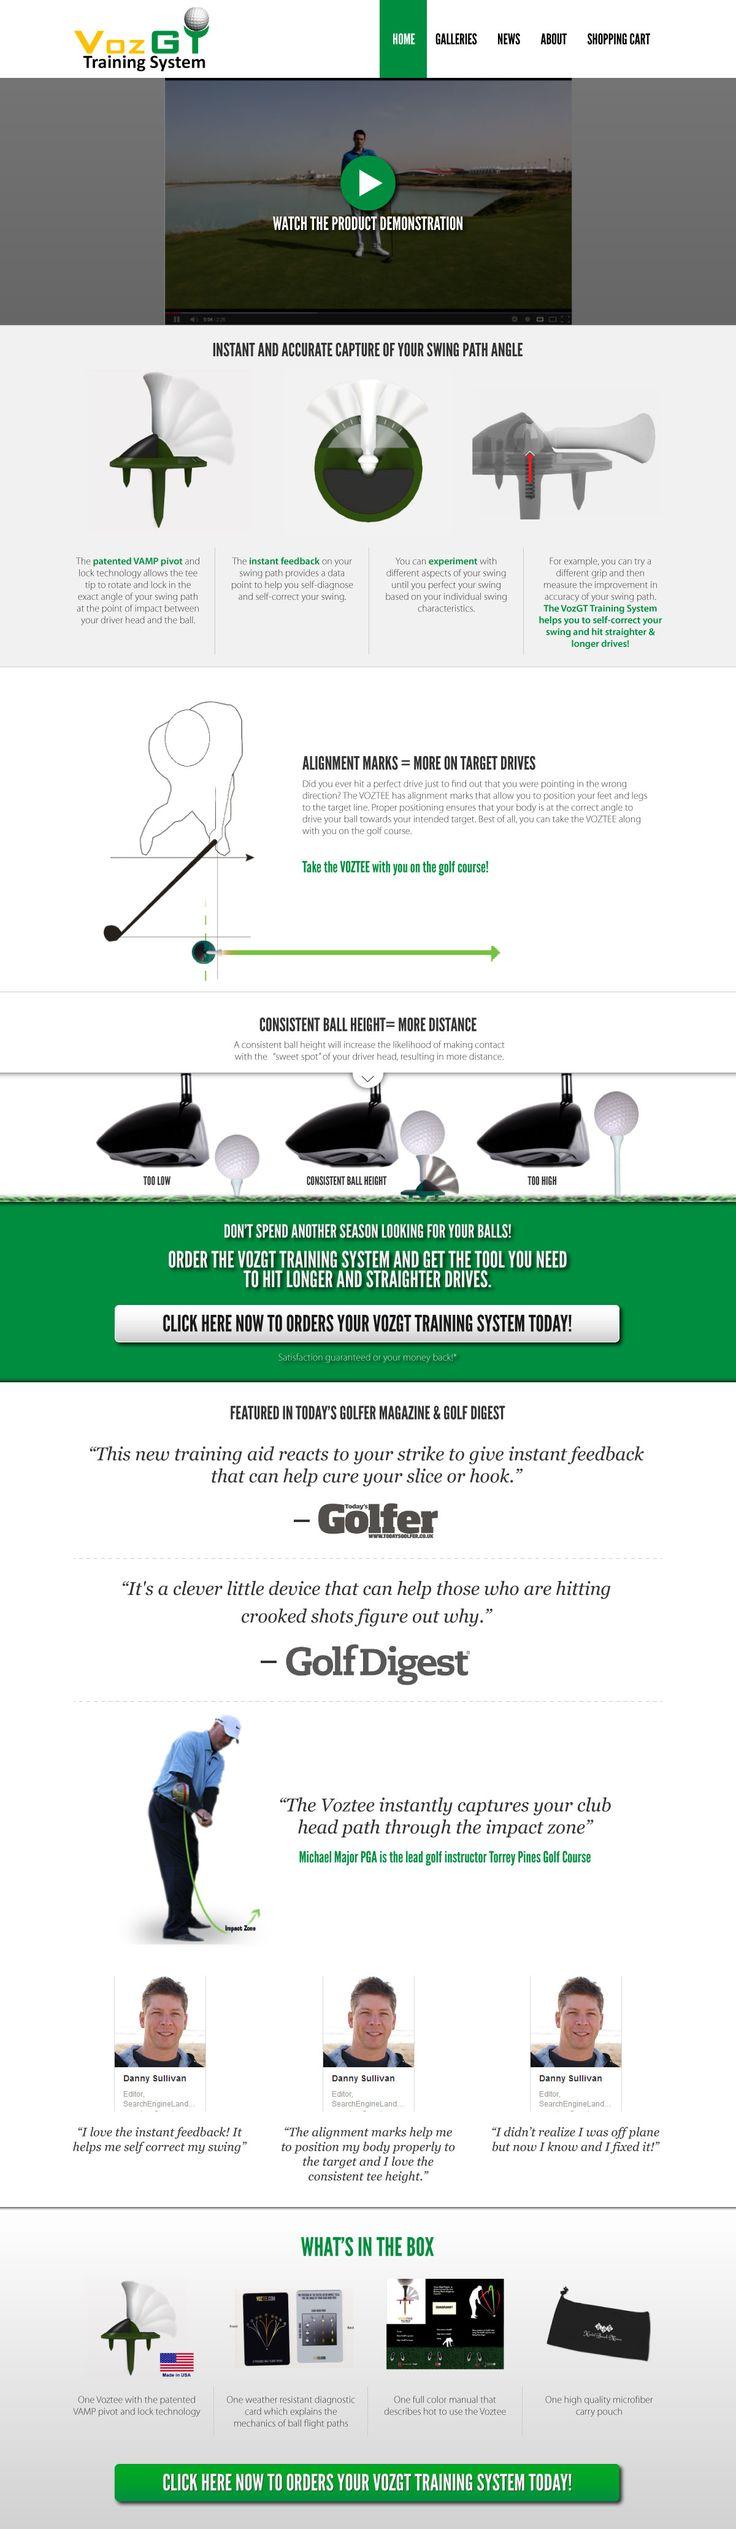 Golf Website Design - Phase 1 for new Golf Training Aid.  www.GolfInternetMarketing.com